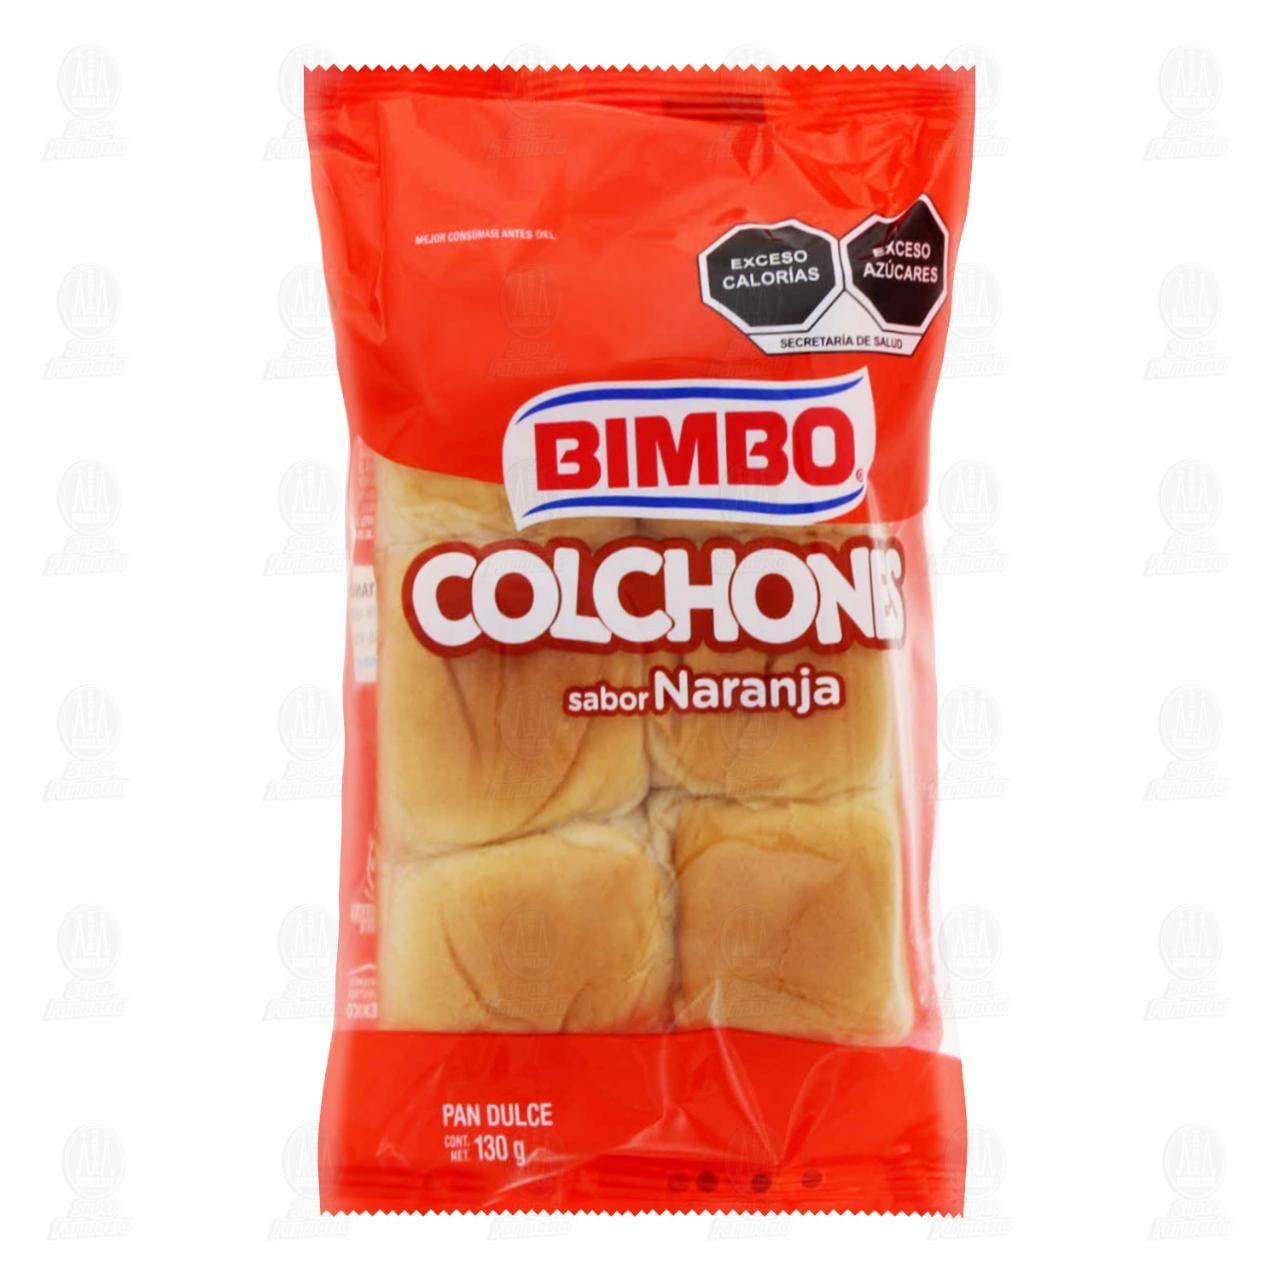 Comprar Colchones Bimbo, 6 pzas 130 gr. en Farmacias Guadalajara